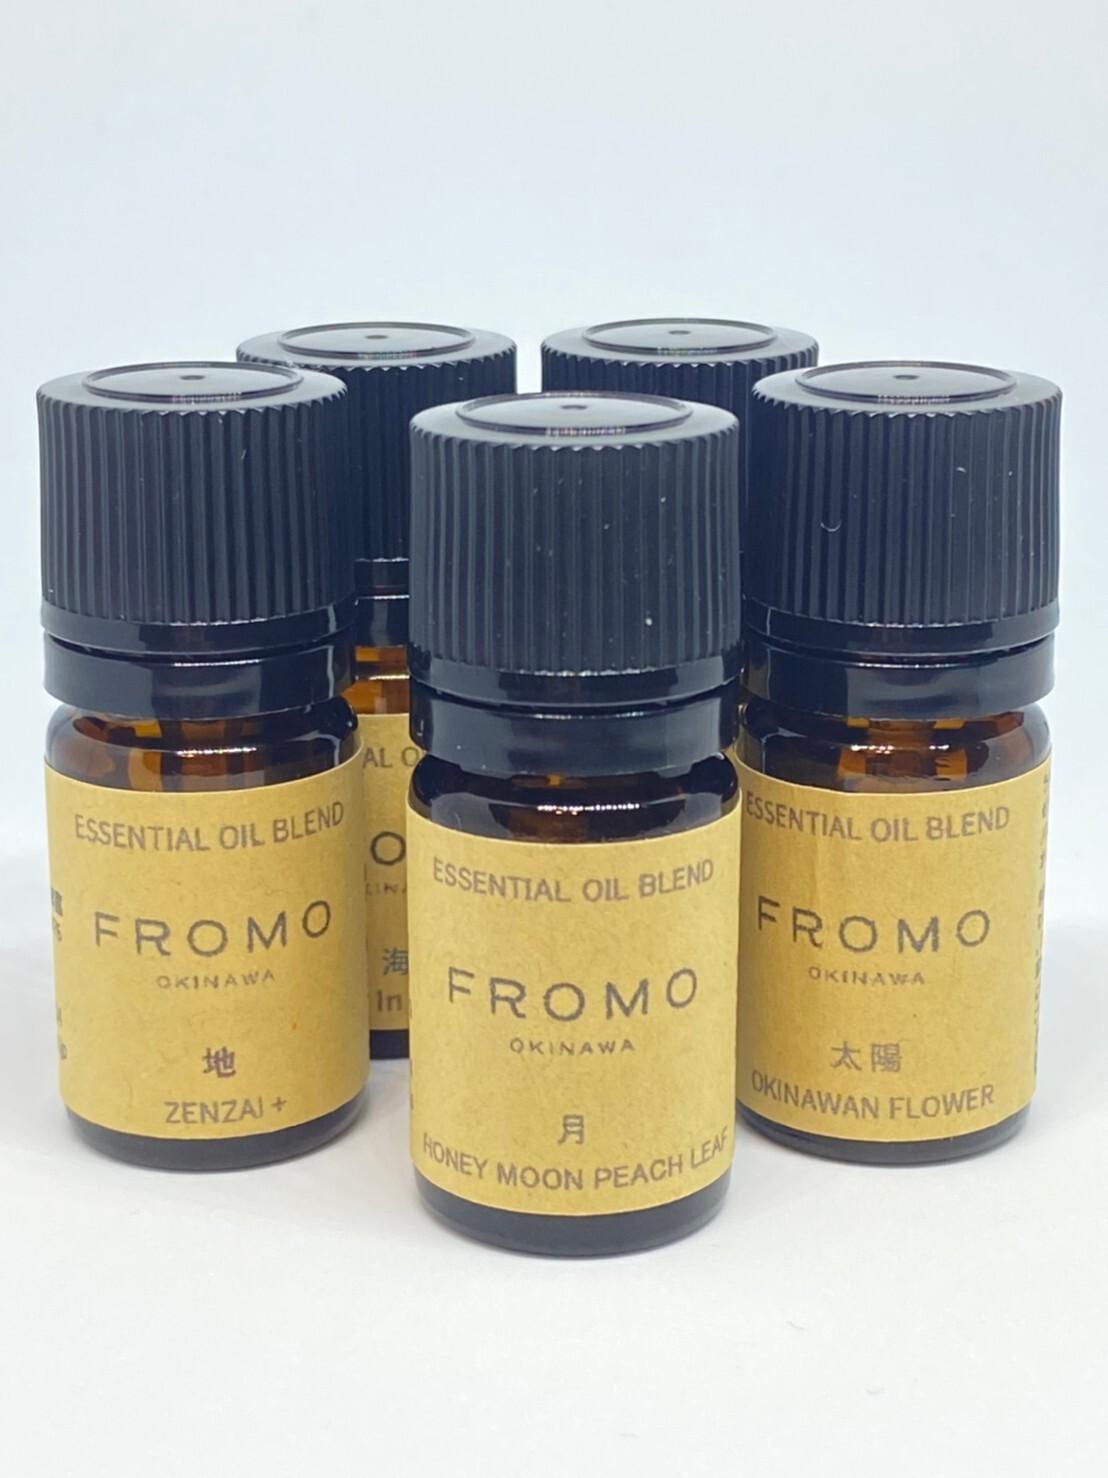 【FROMO】ブレンド精油